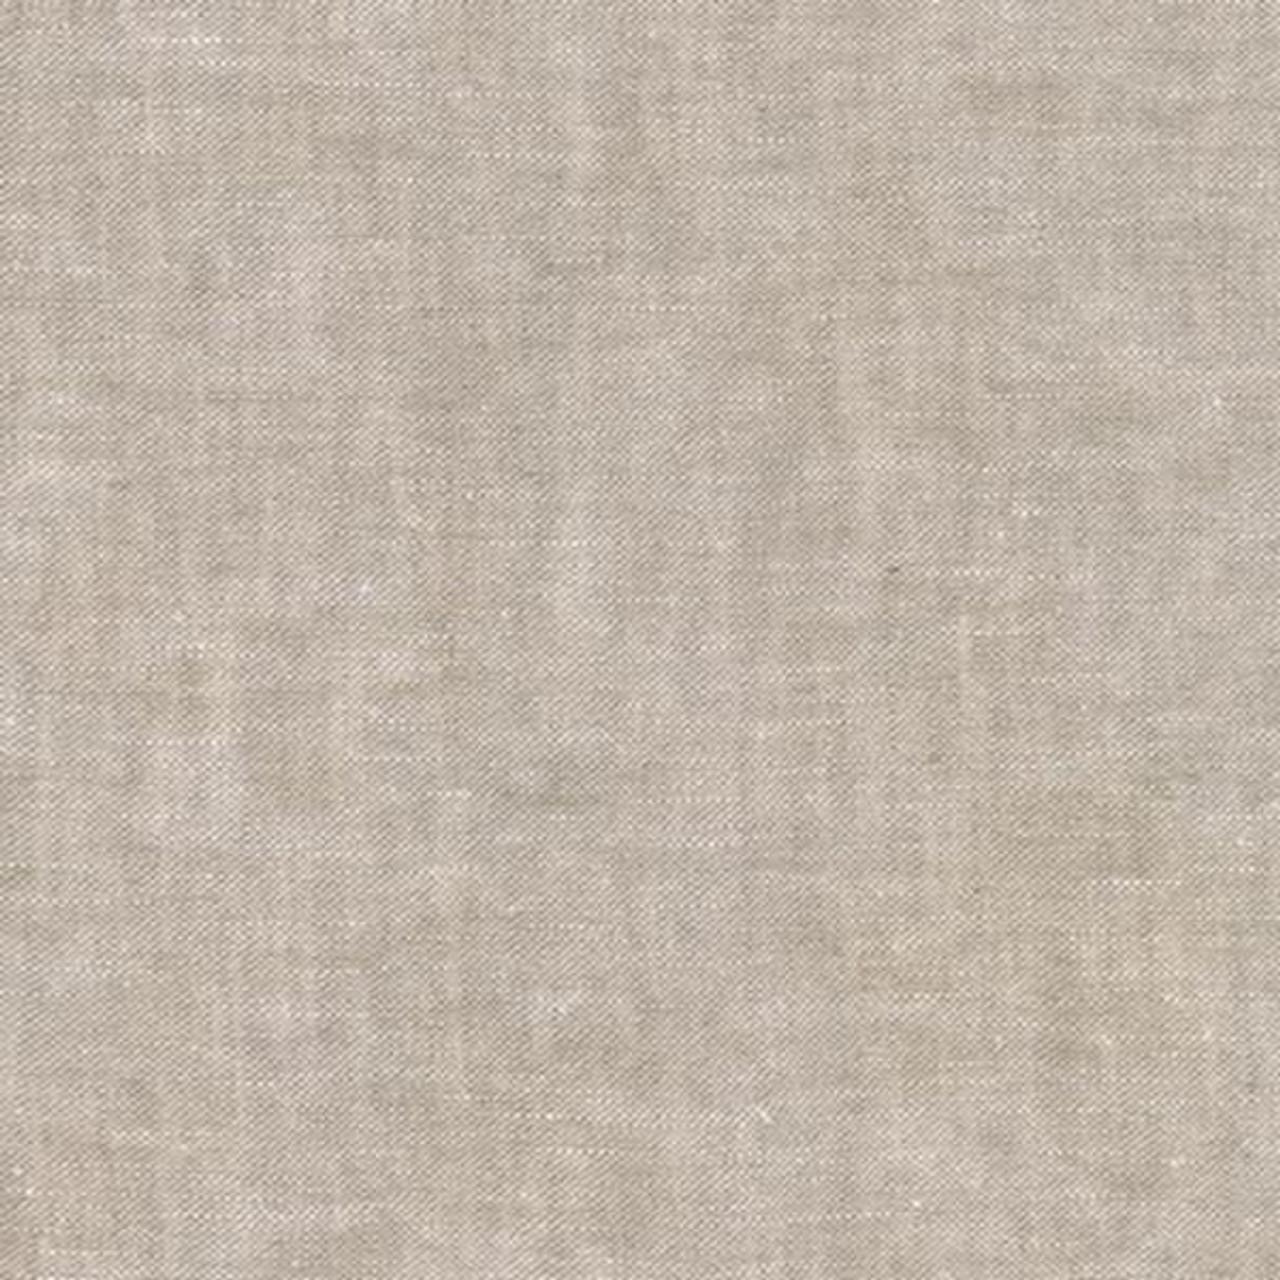 Essex Wide Cotton/Linen: Flax